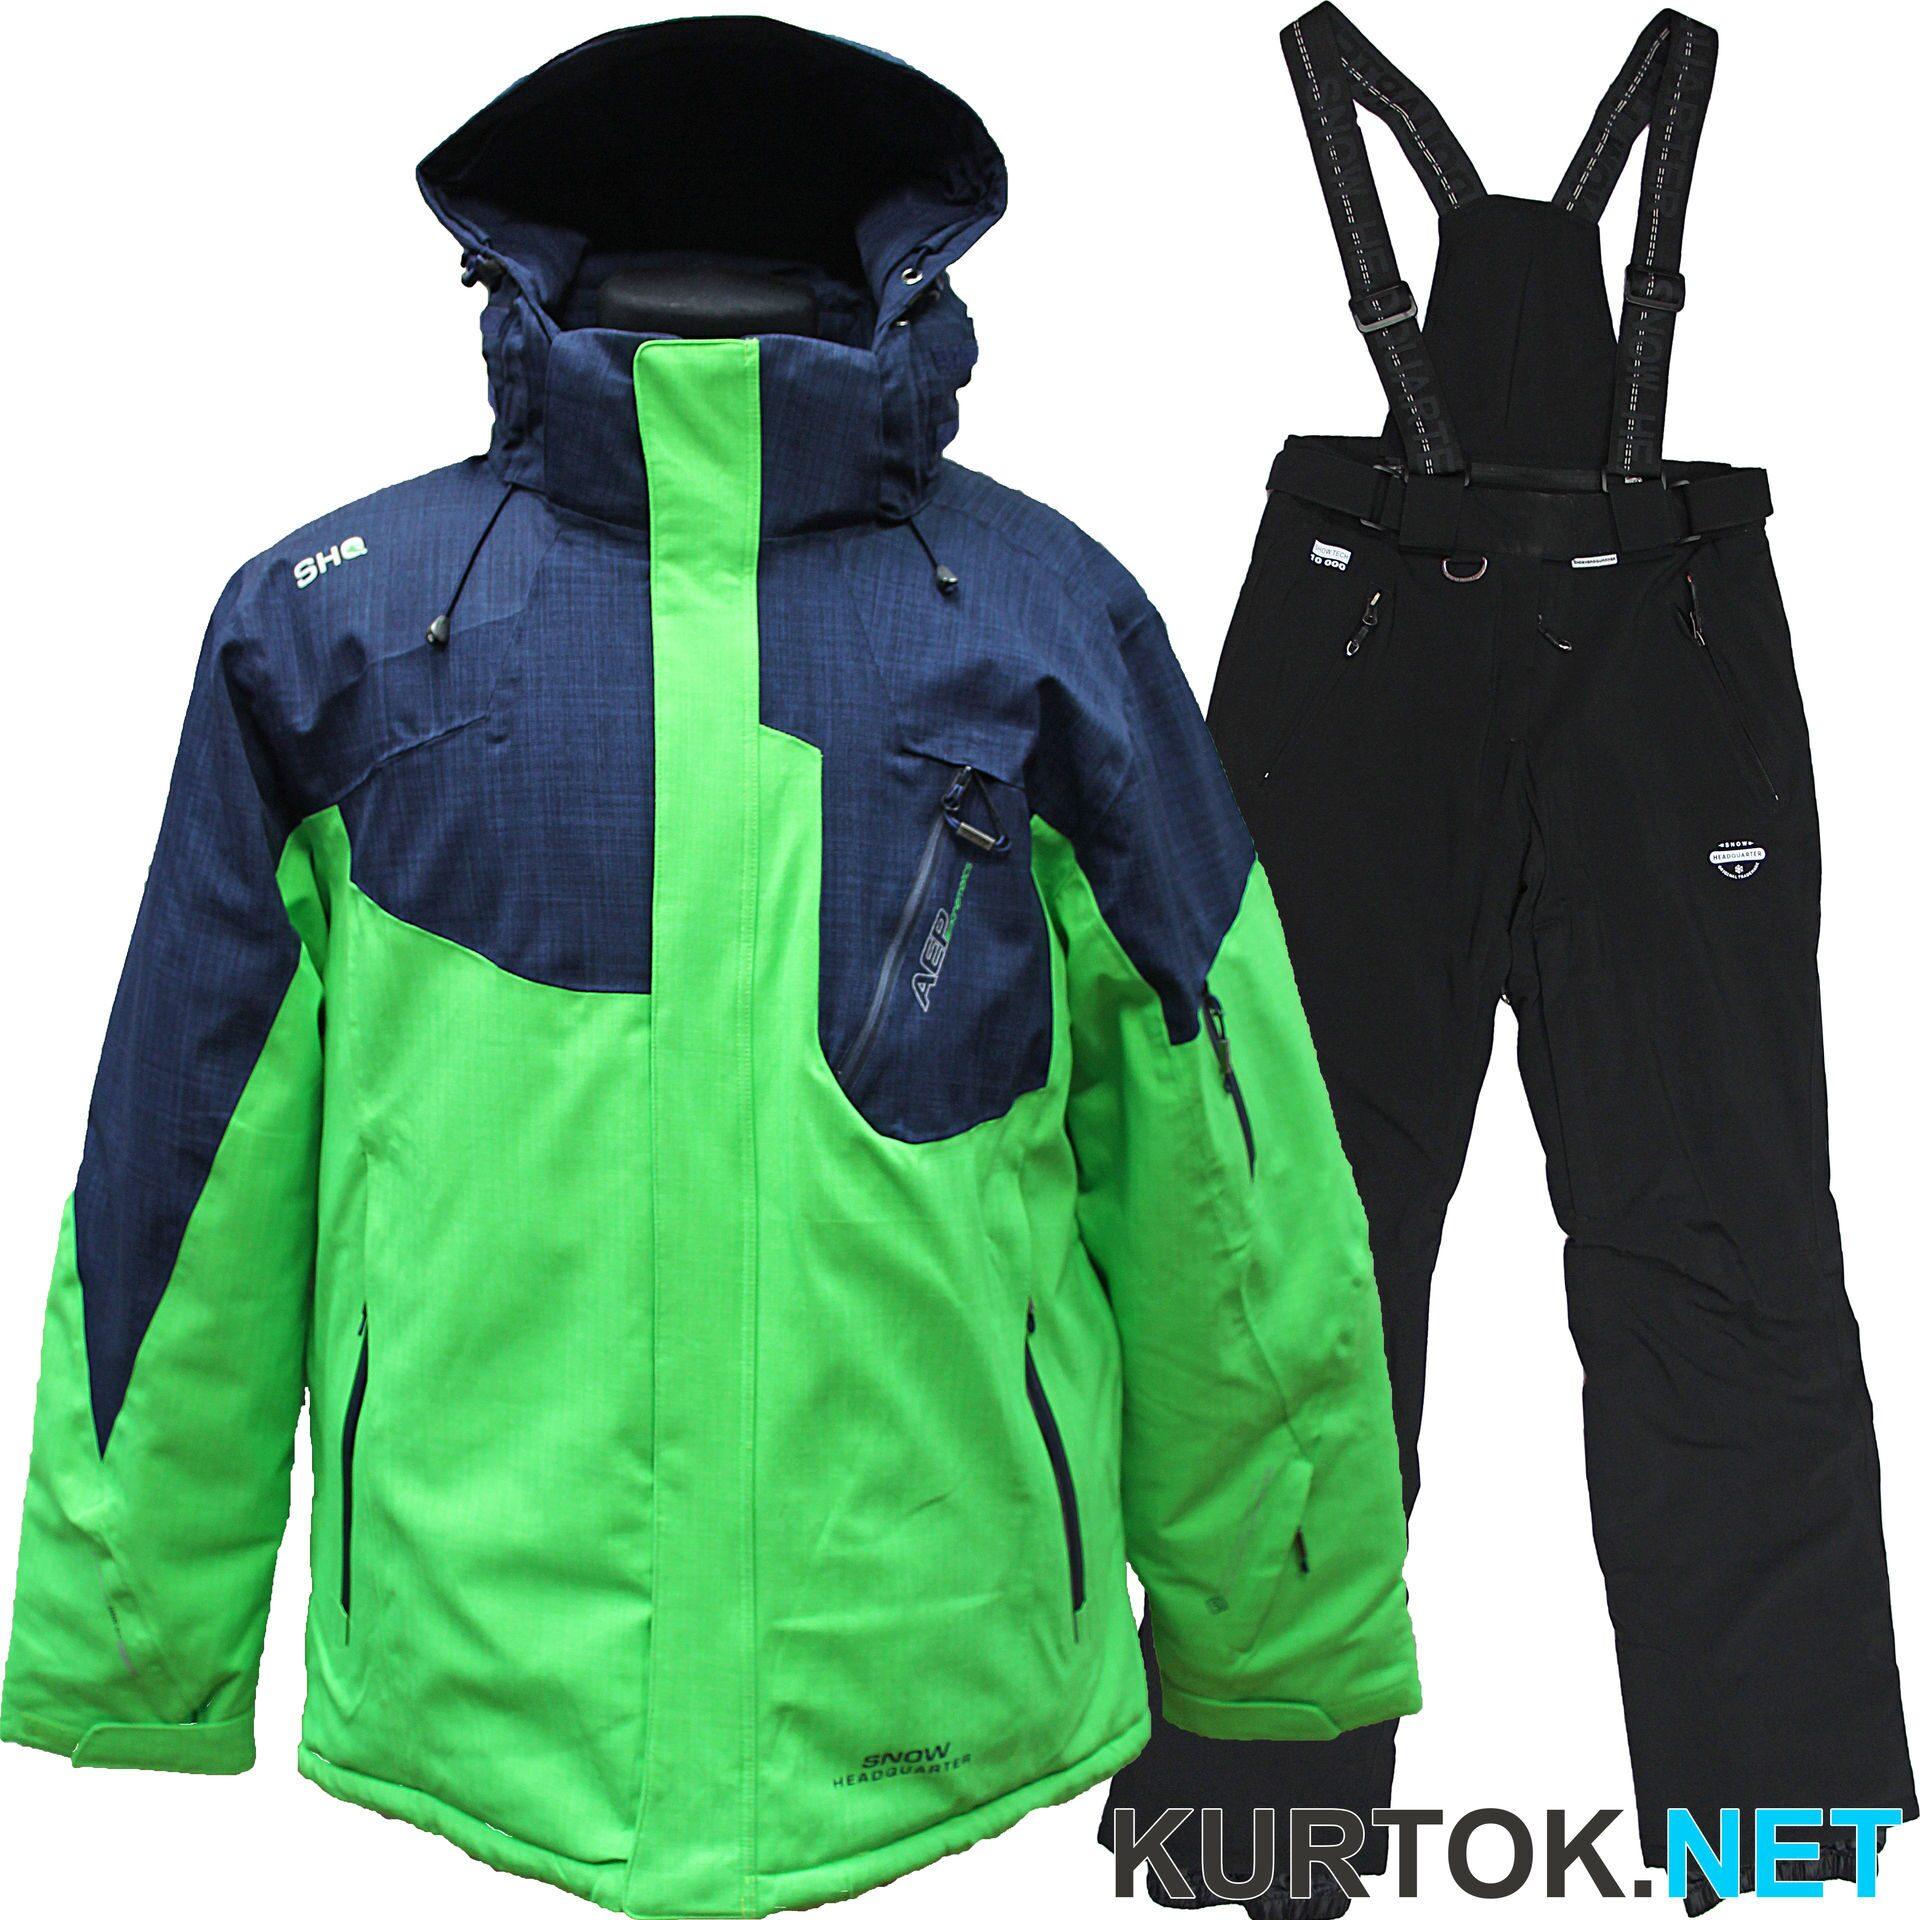 0e2f7976a1d33 Костюм горнолыжный мужской (темно-синий с зеленым) Snow Headquarter ...